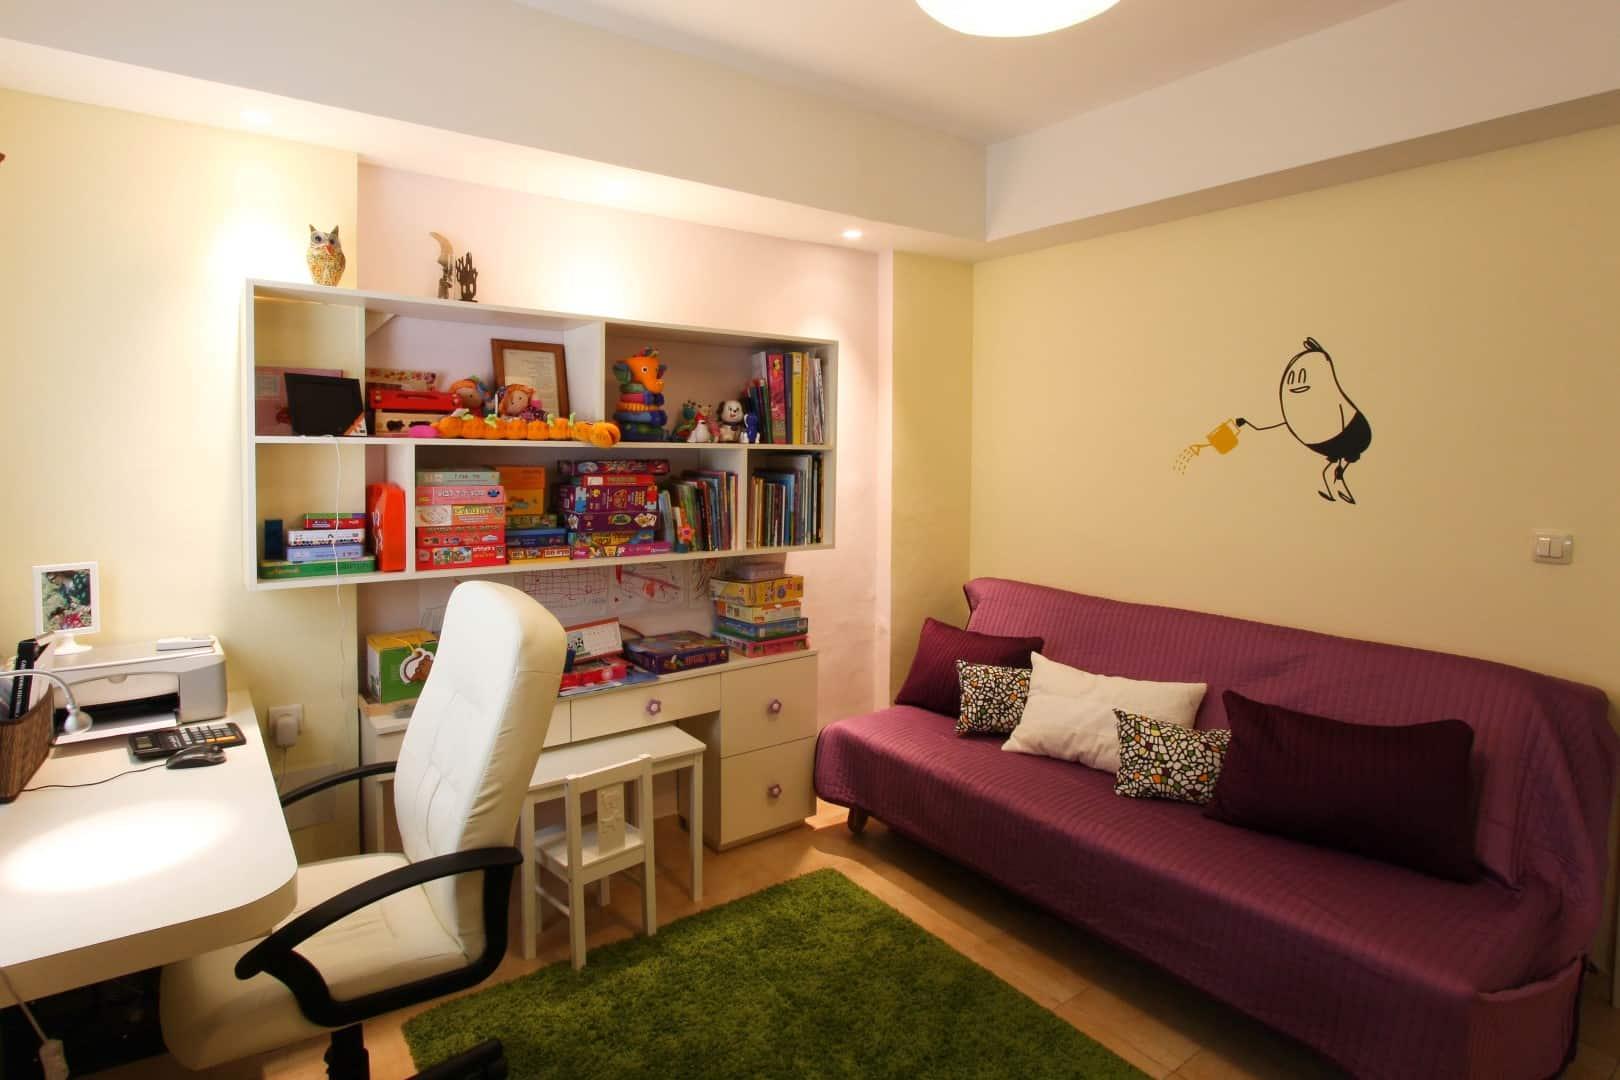 עיצוב חדרים לאירוח, חדר עבודה המשמש כם לאירוח הנכדים, ענבל קרקו עיצוב פנים ופנג שואי